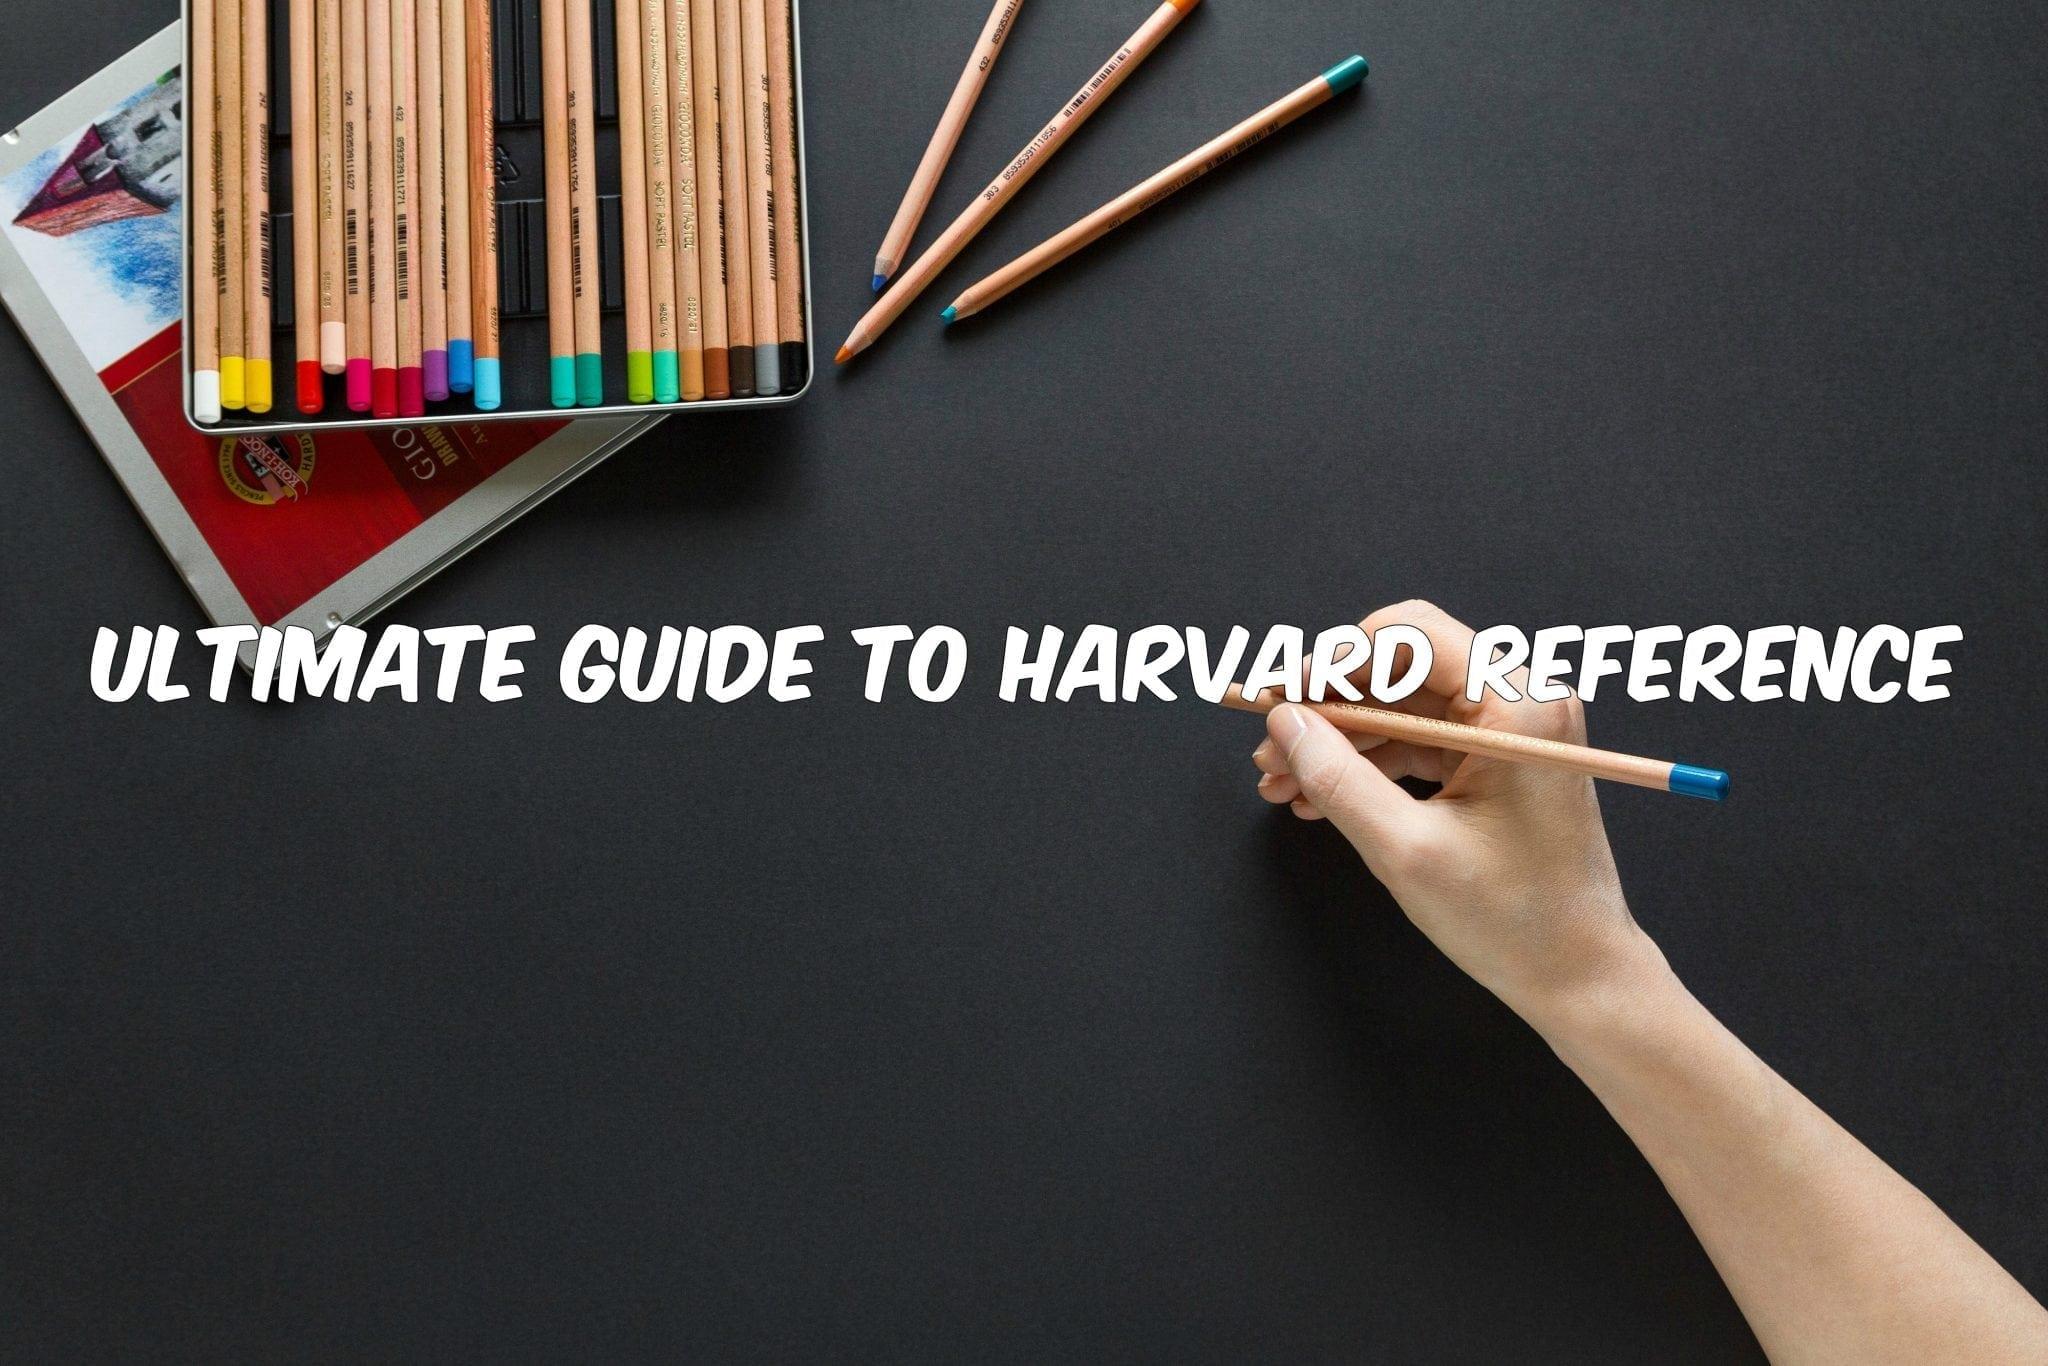 英国Essay代写 哈佛引用格式